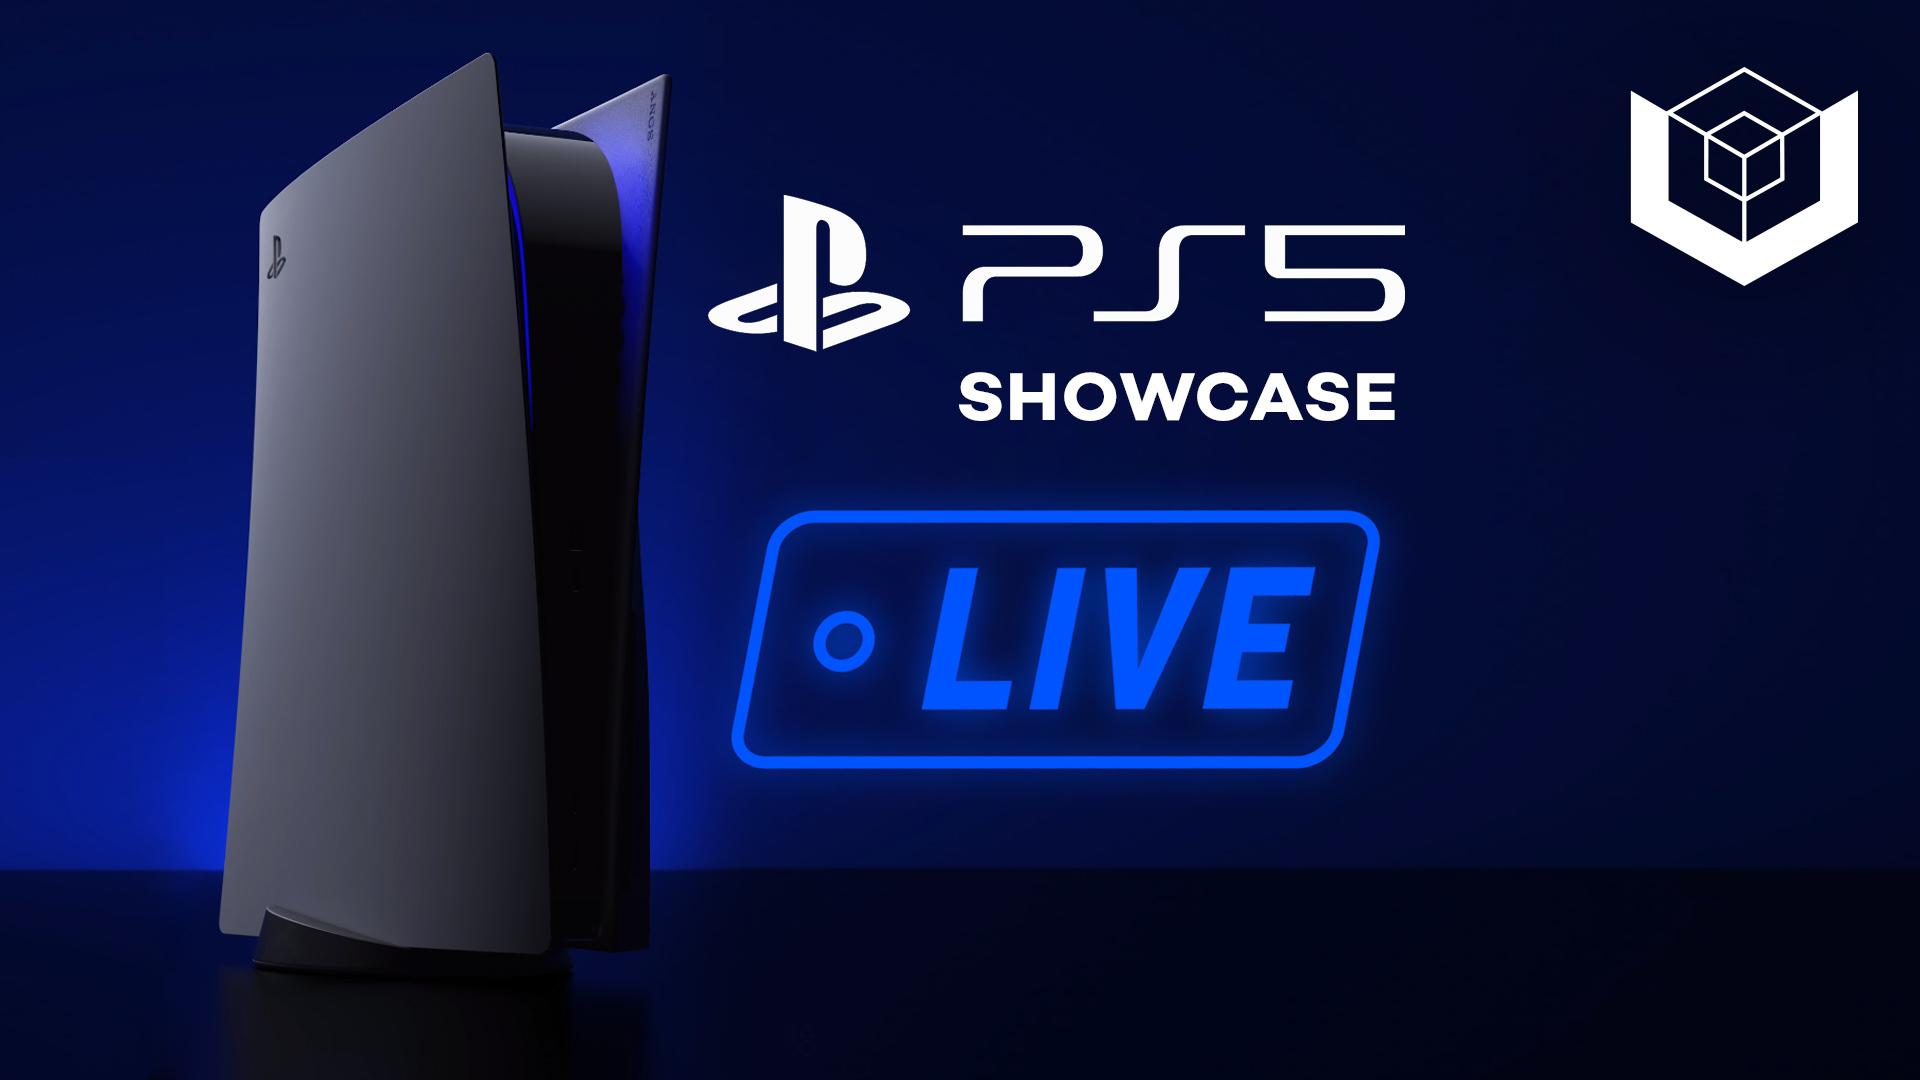 Acompanhe com a gente o evento PS5 Showcase!